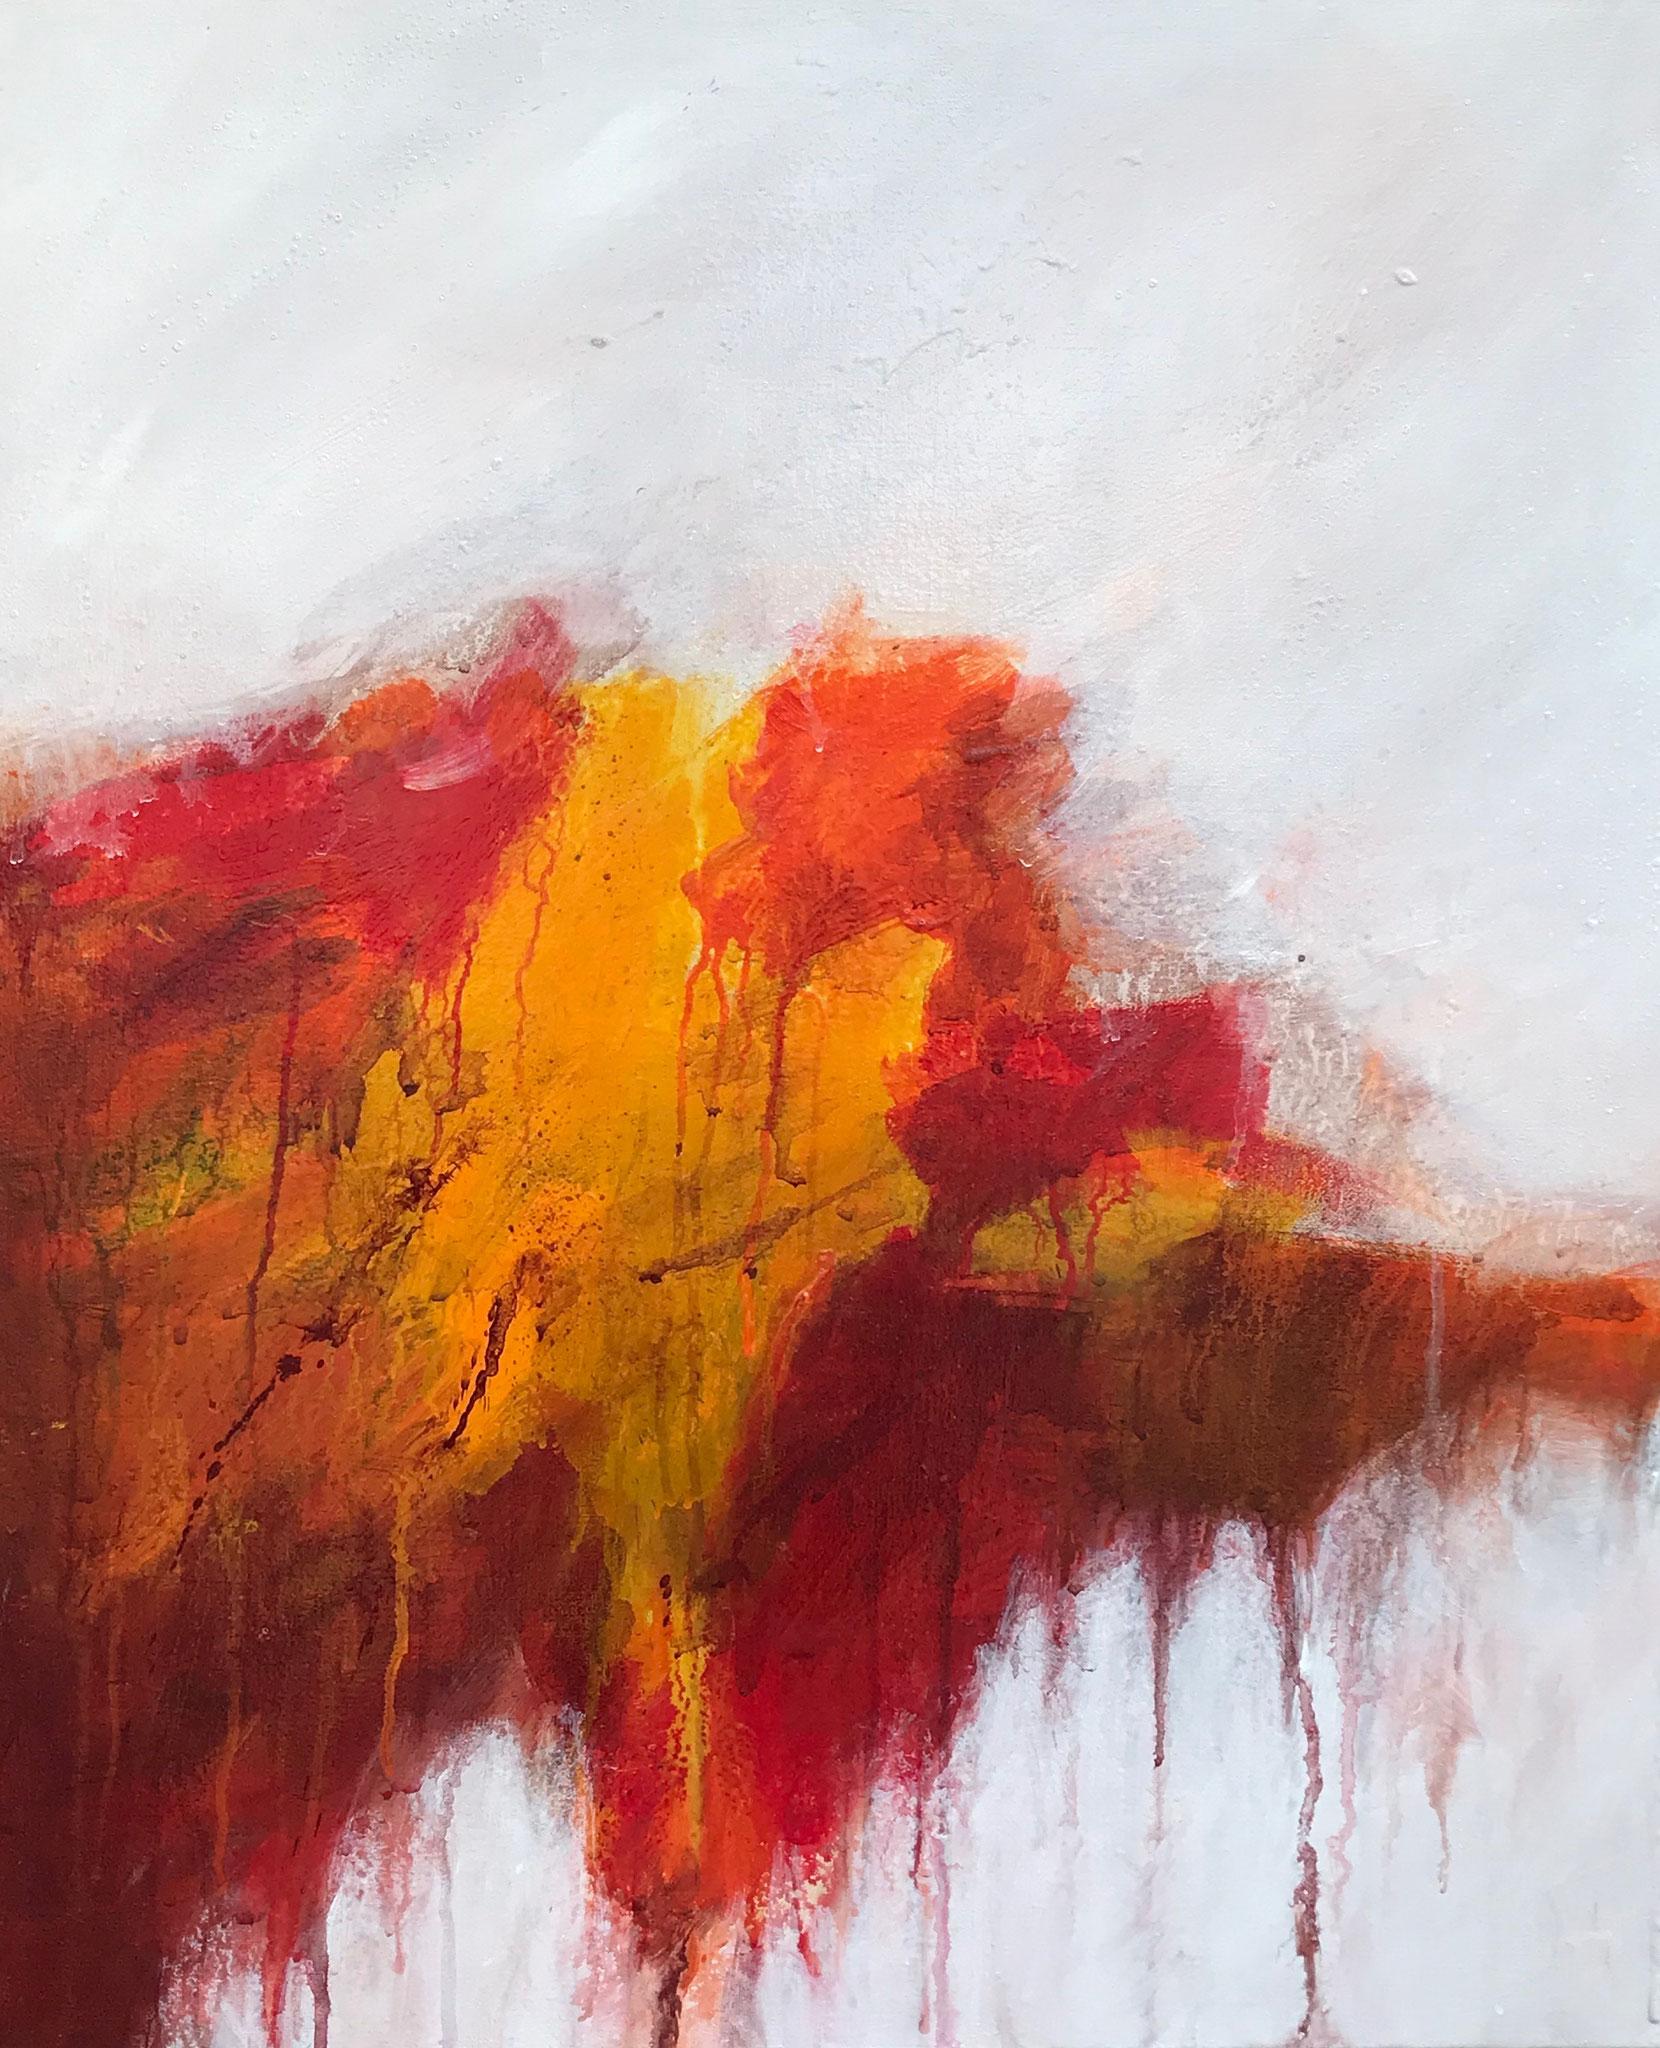 Le Châtiment # 2 - 65 x 54 cm - Acrylique sur toile - 2019